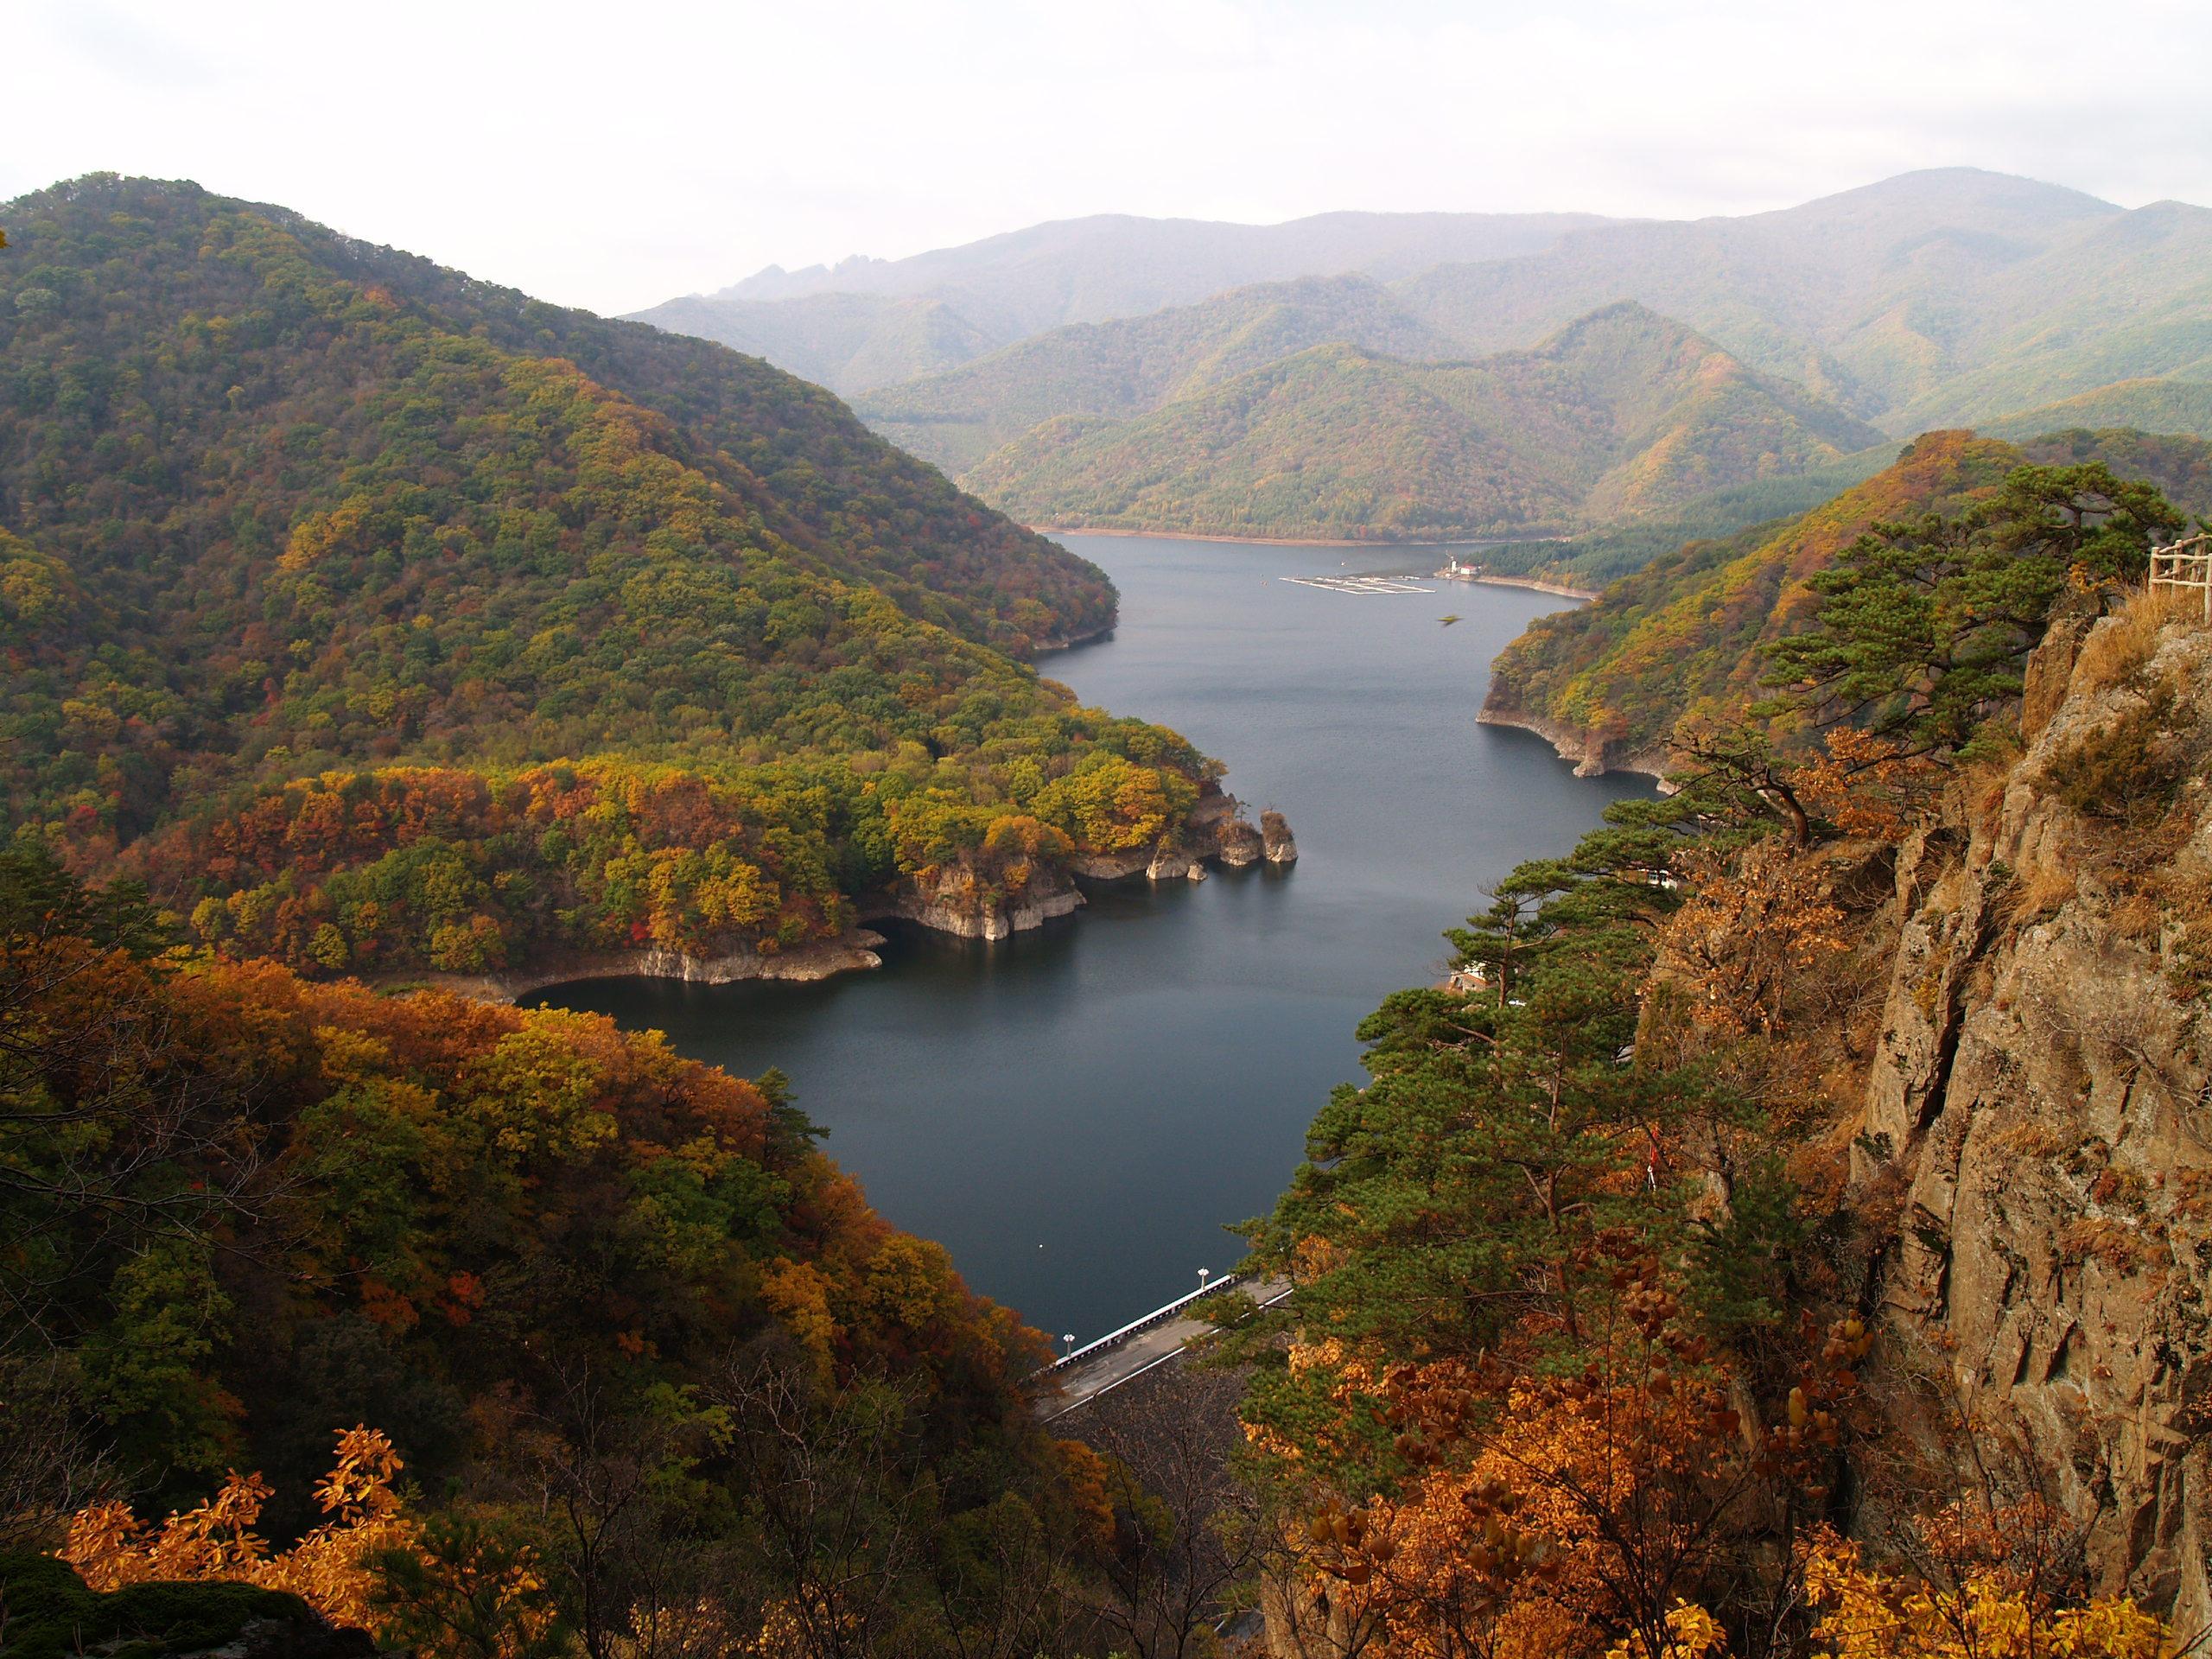 【关门山国家森林公园】关门山国家森林公园成人票